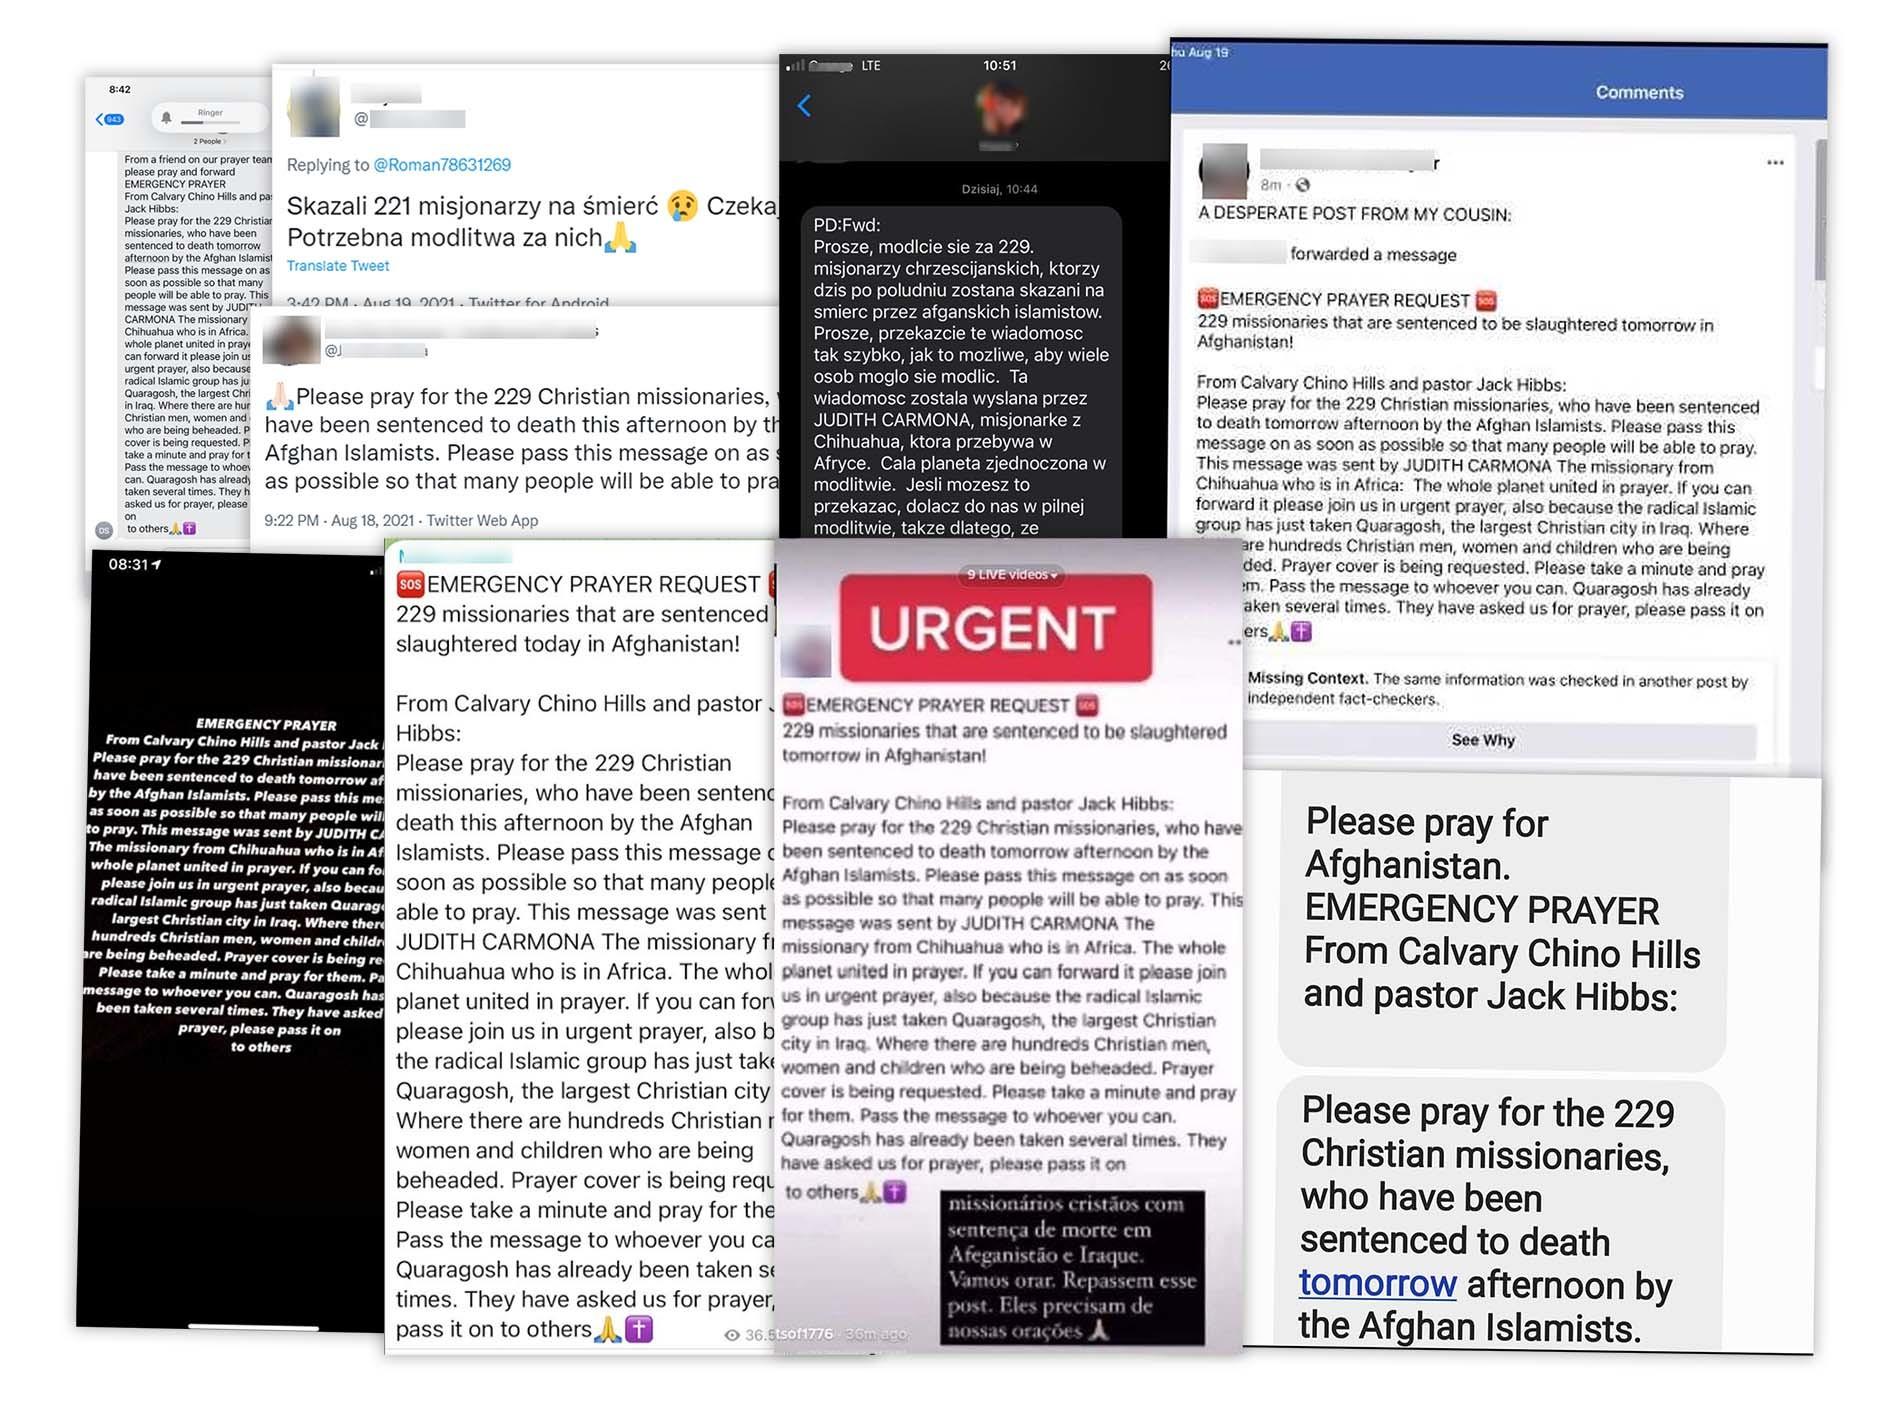 Wiadomości o skazanych na śmierć misjonarzach publikowane są mediach społecznościowych i przesyłane w wiadomościach